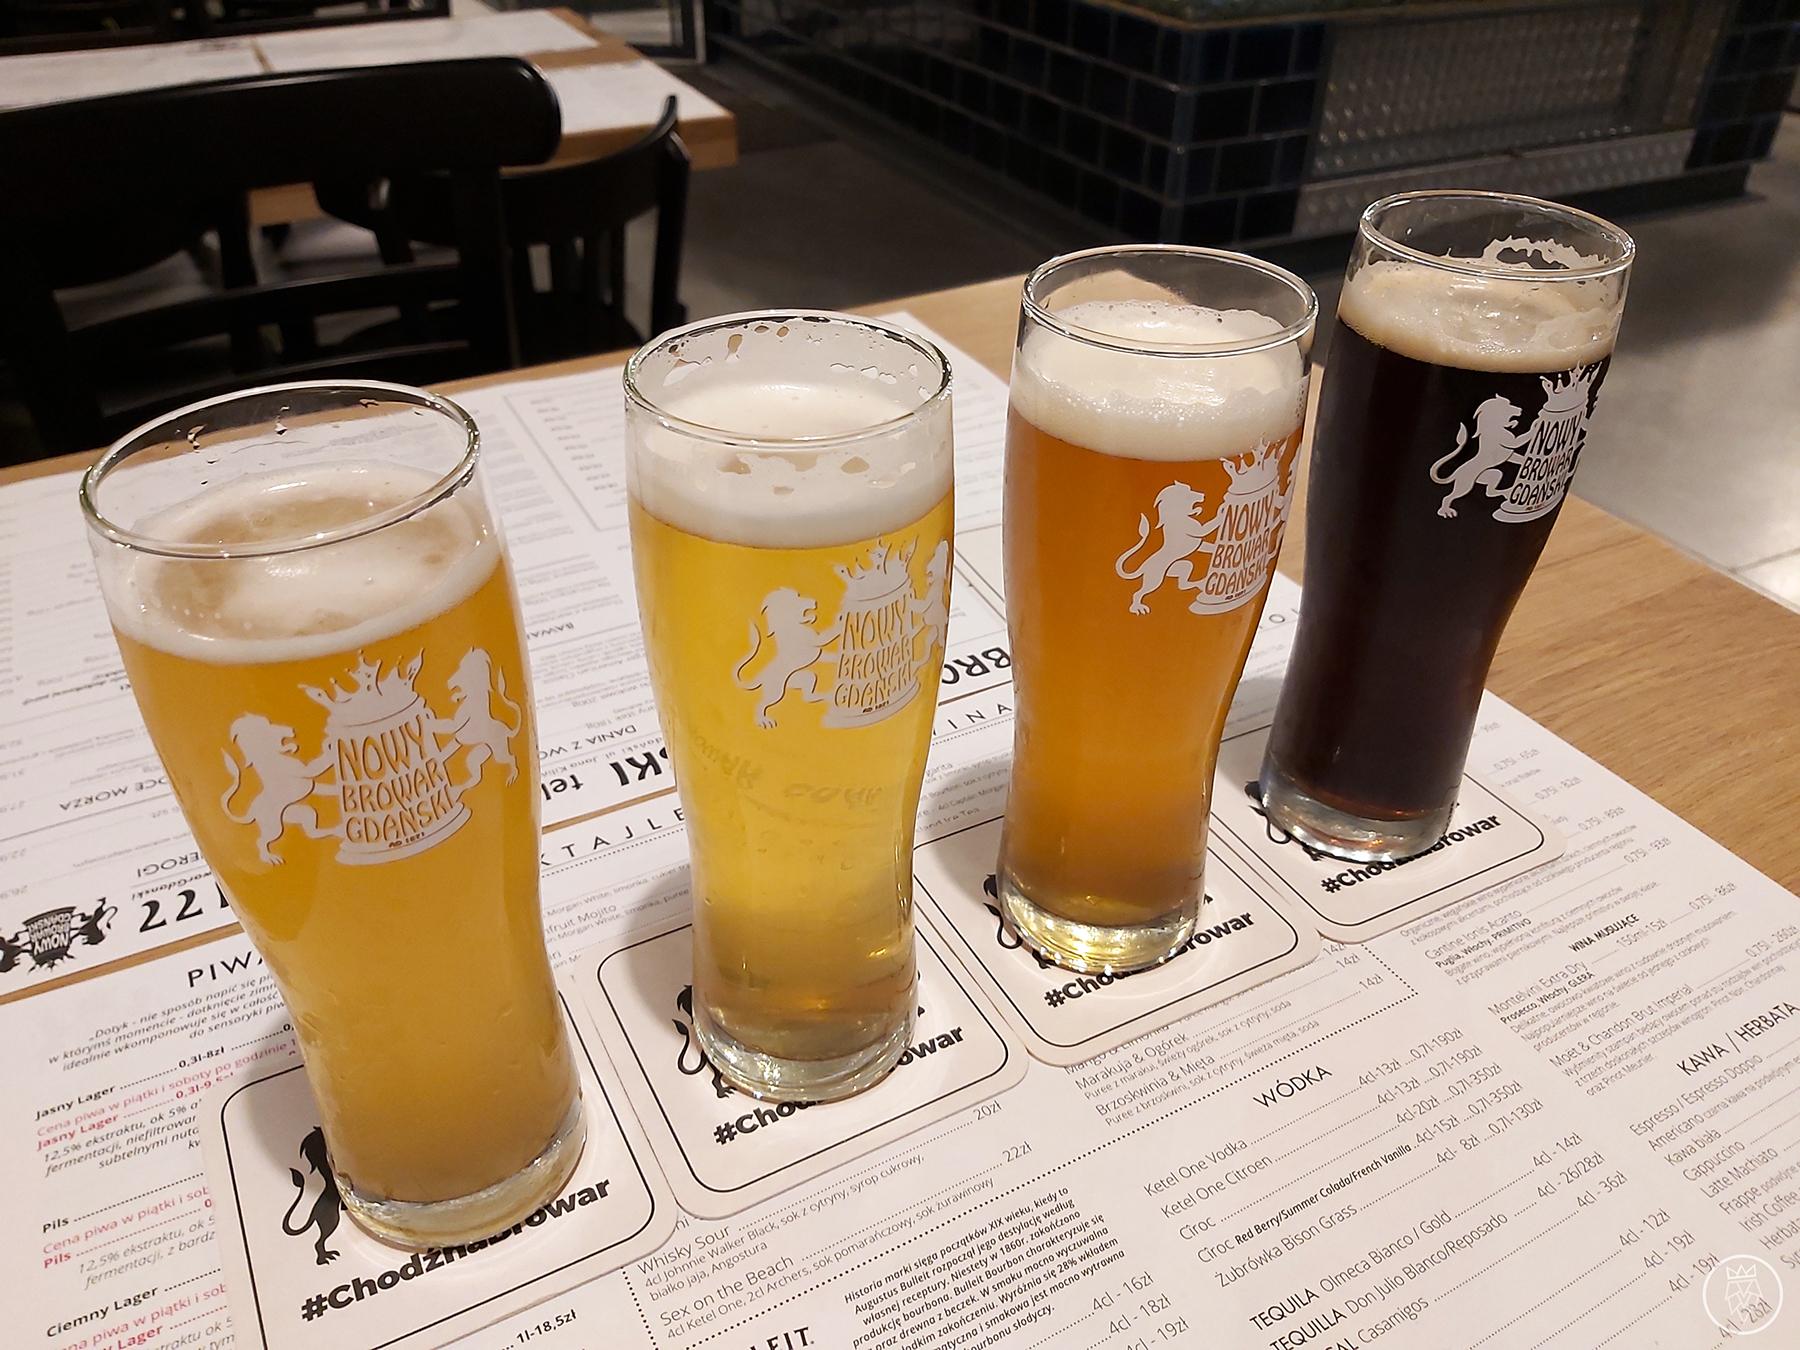 Nowy Browar Gdański - piwa